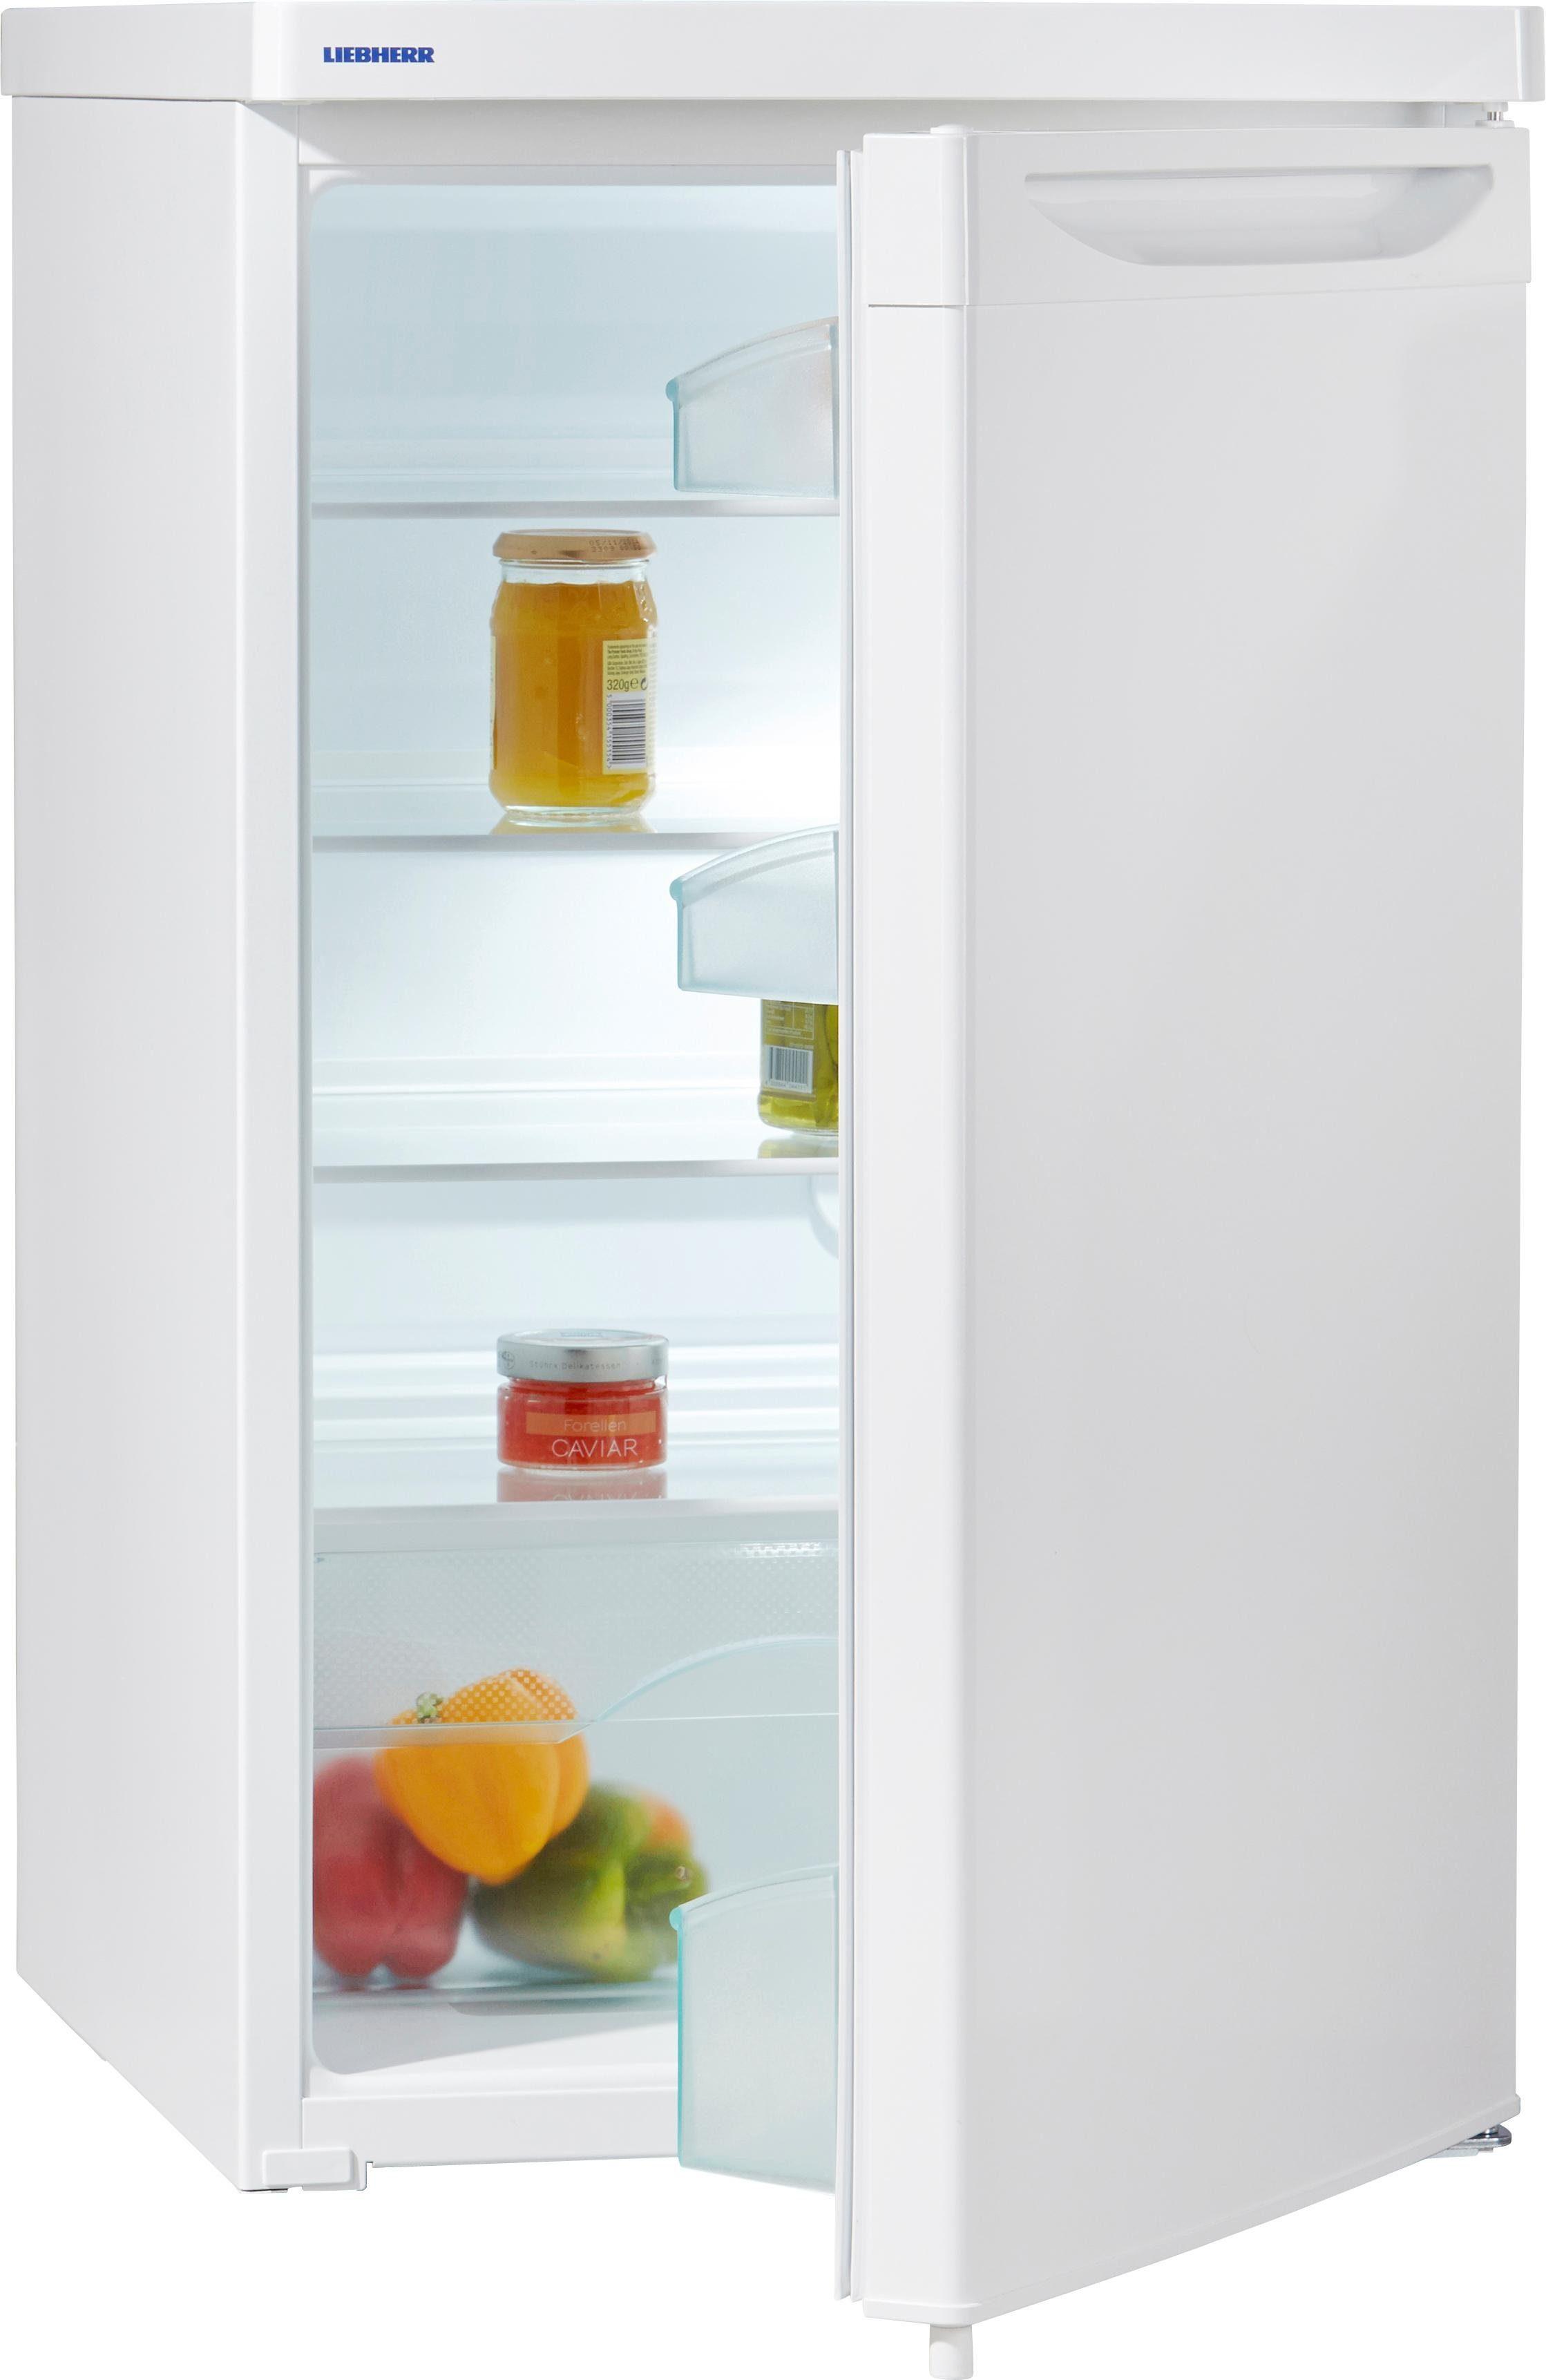 Liebherr Kühlschrank T 1400-20, A+, 85 cm hoch